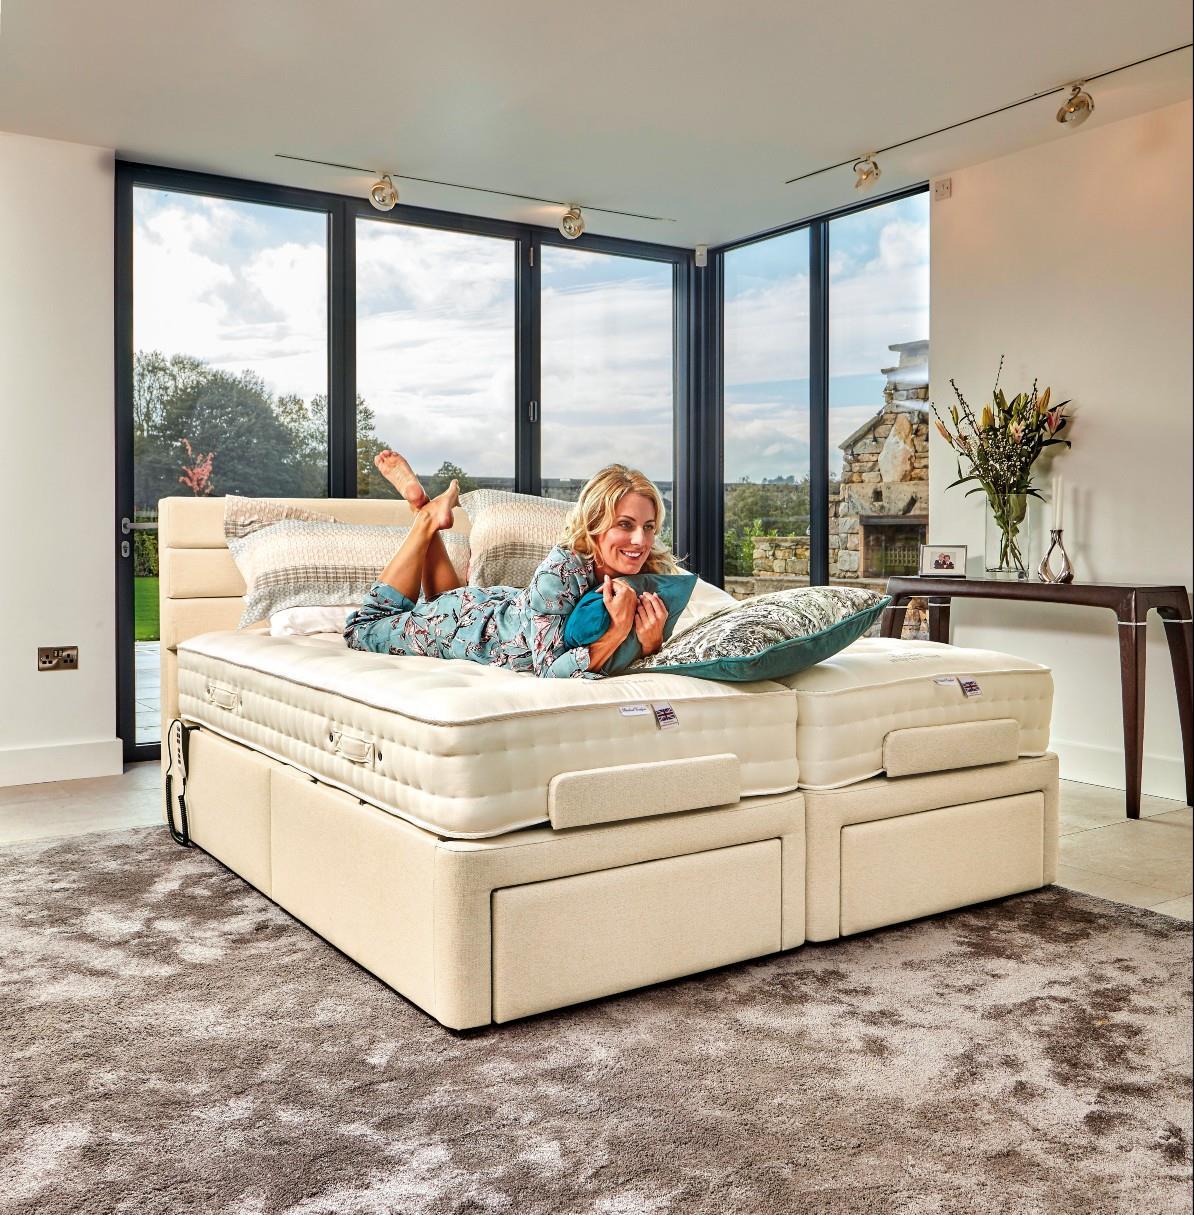 Sherborne - DORCHESTER Electric Adjustable Bed